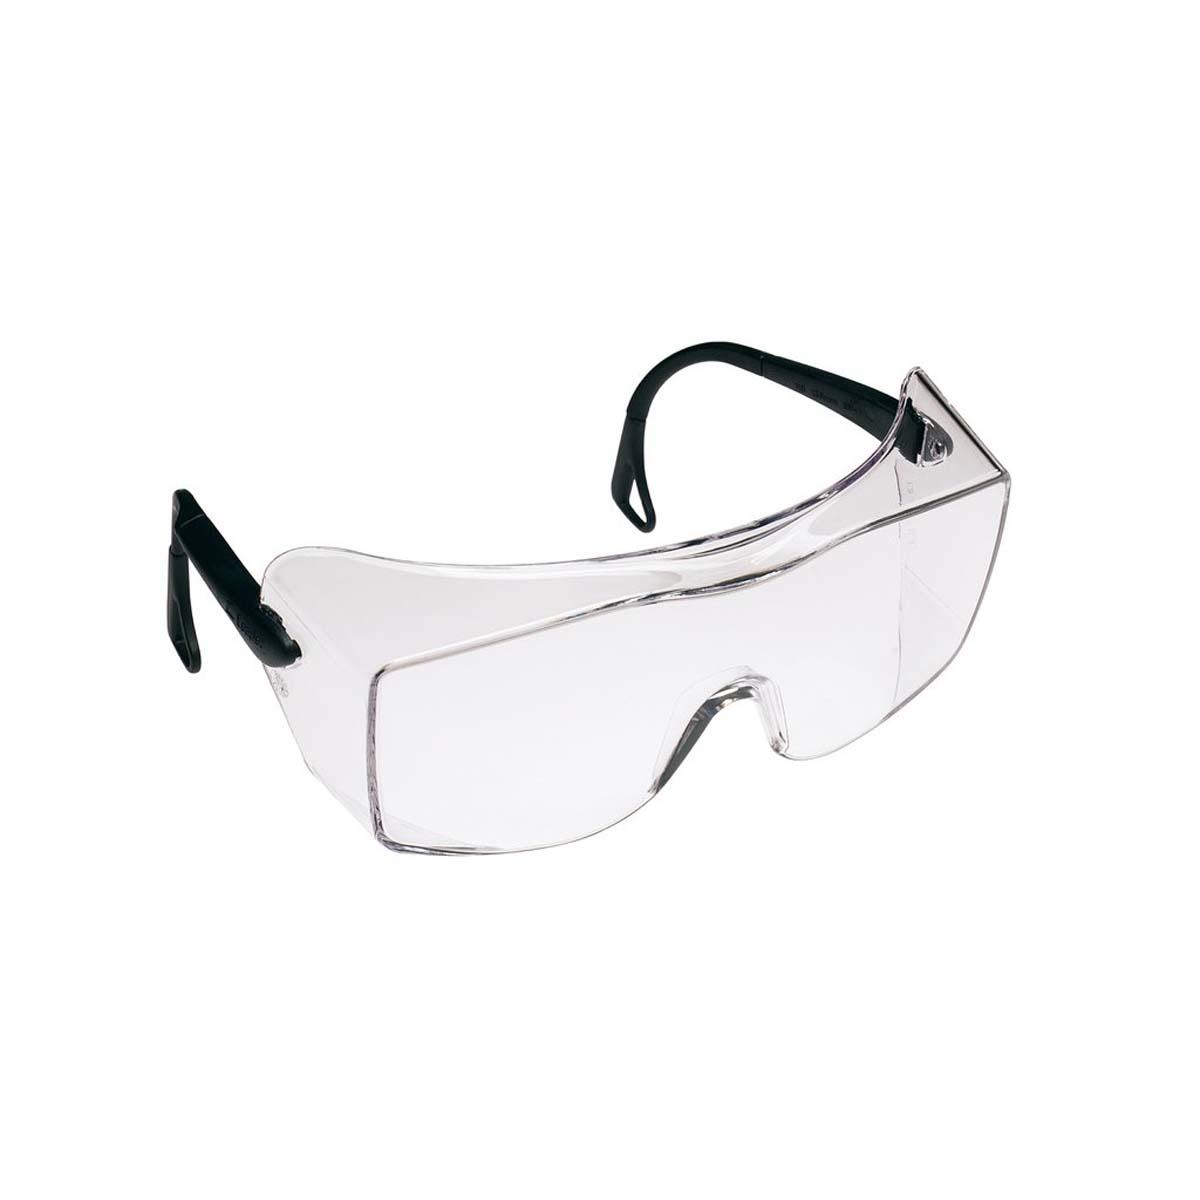 """3Mâ""""¢ OXâ""""¢ Protective Eyewear 2000, 12166-00000-20  Clear Anti-Fog Lens, Black Secure Grip Temple"""